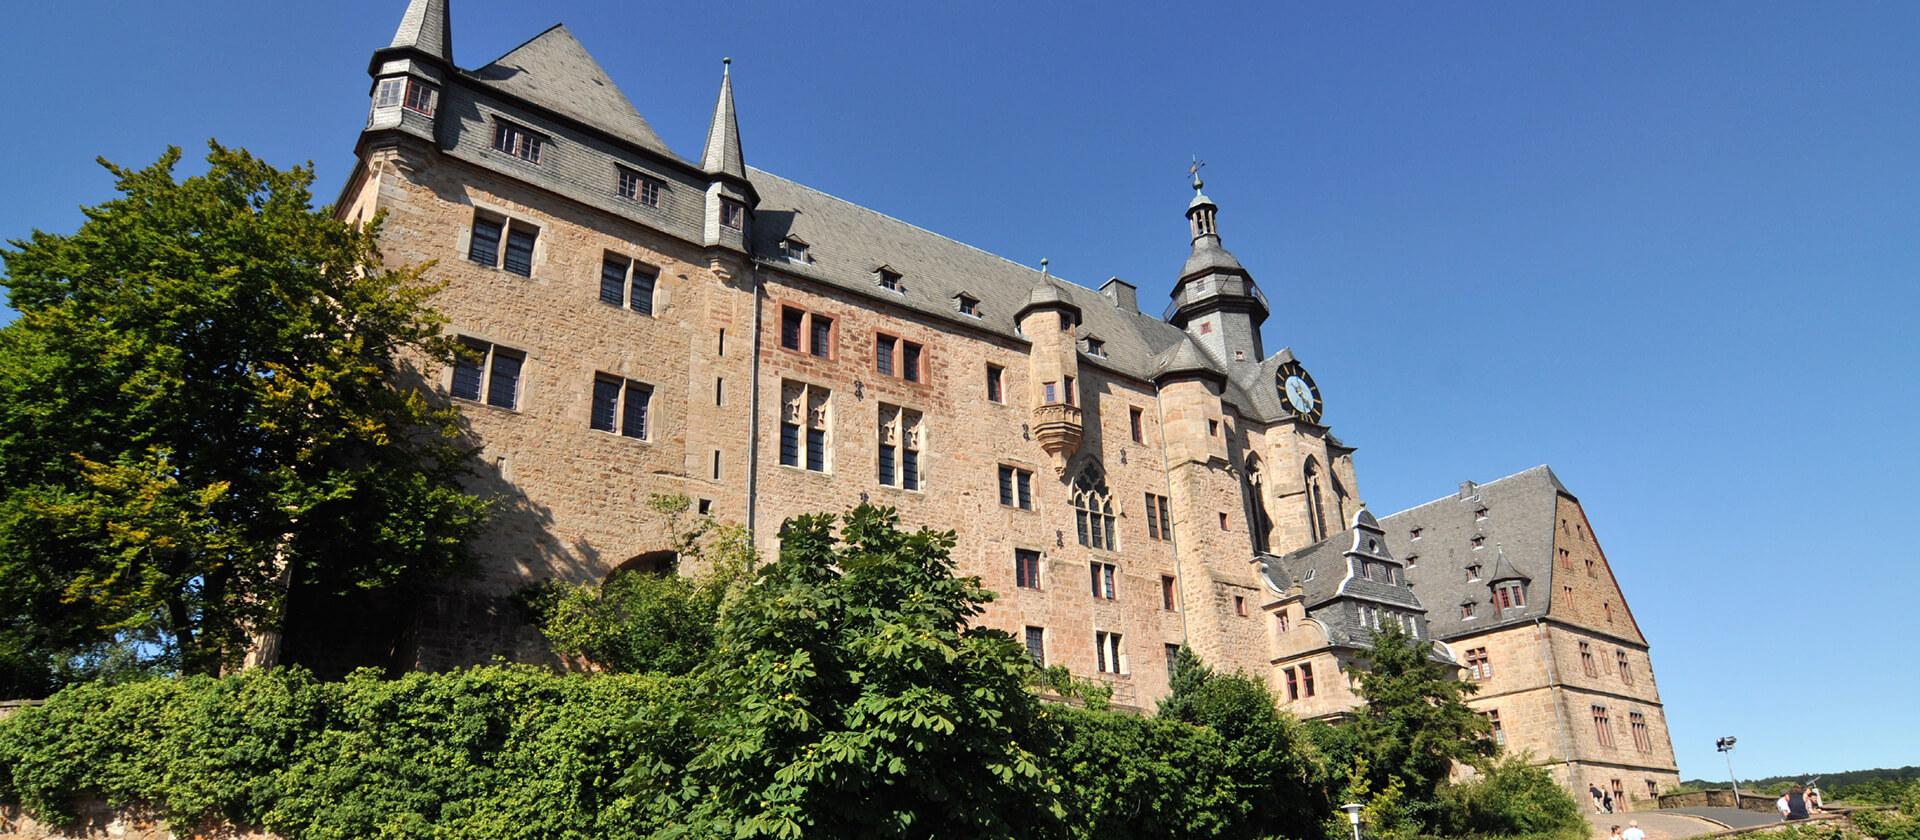 Das Marburger Landgrafenschloss, Credits Georg Kronenberg